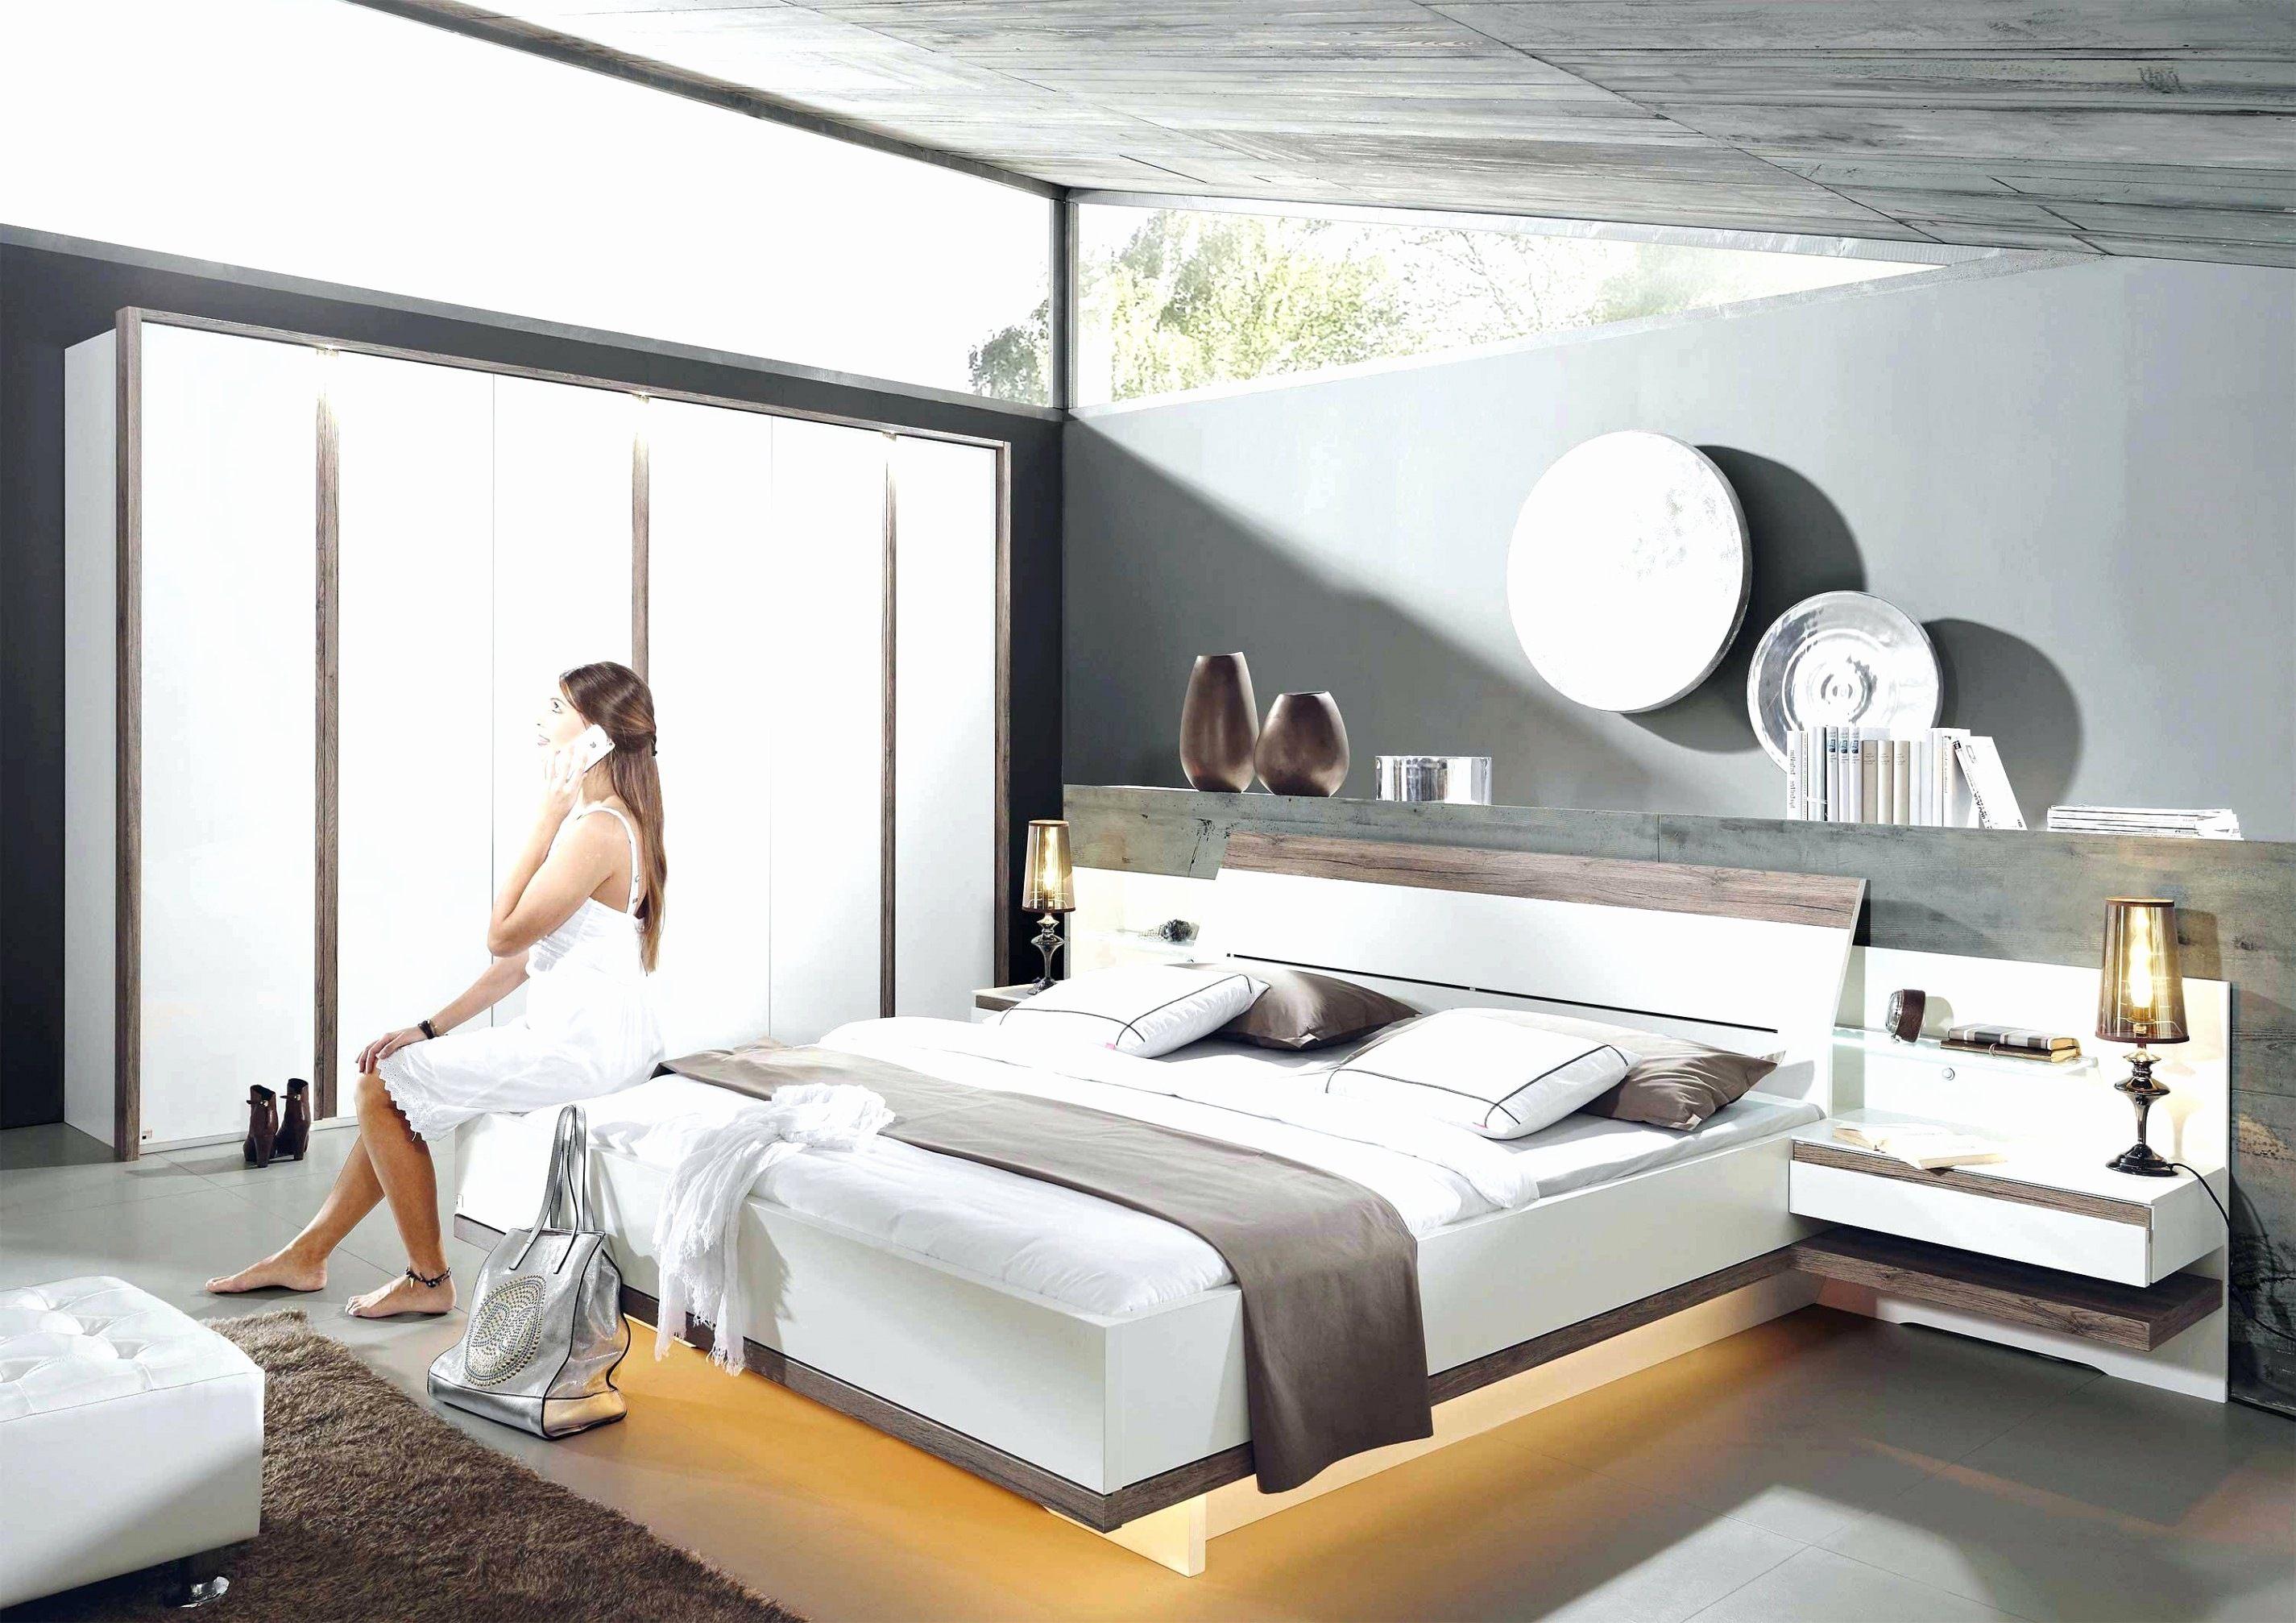 Cadre De Lit 160×200 Ikea Belle Lit 160×200 Frais Doppelbett 180—200 Innen Ikea Vallavik Lit sommier